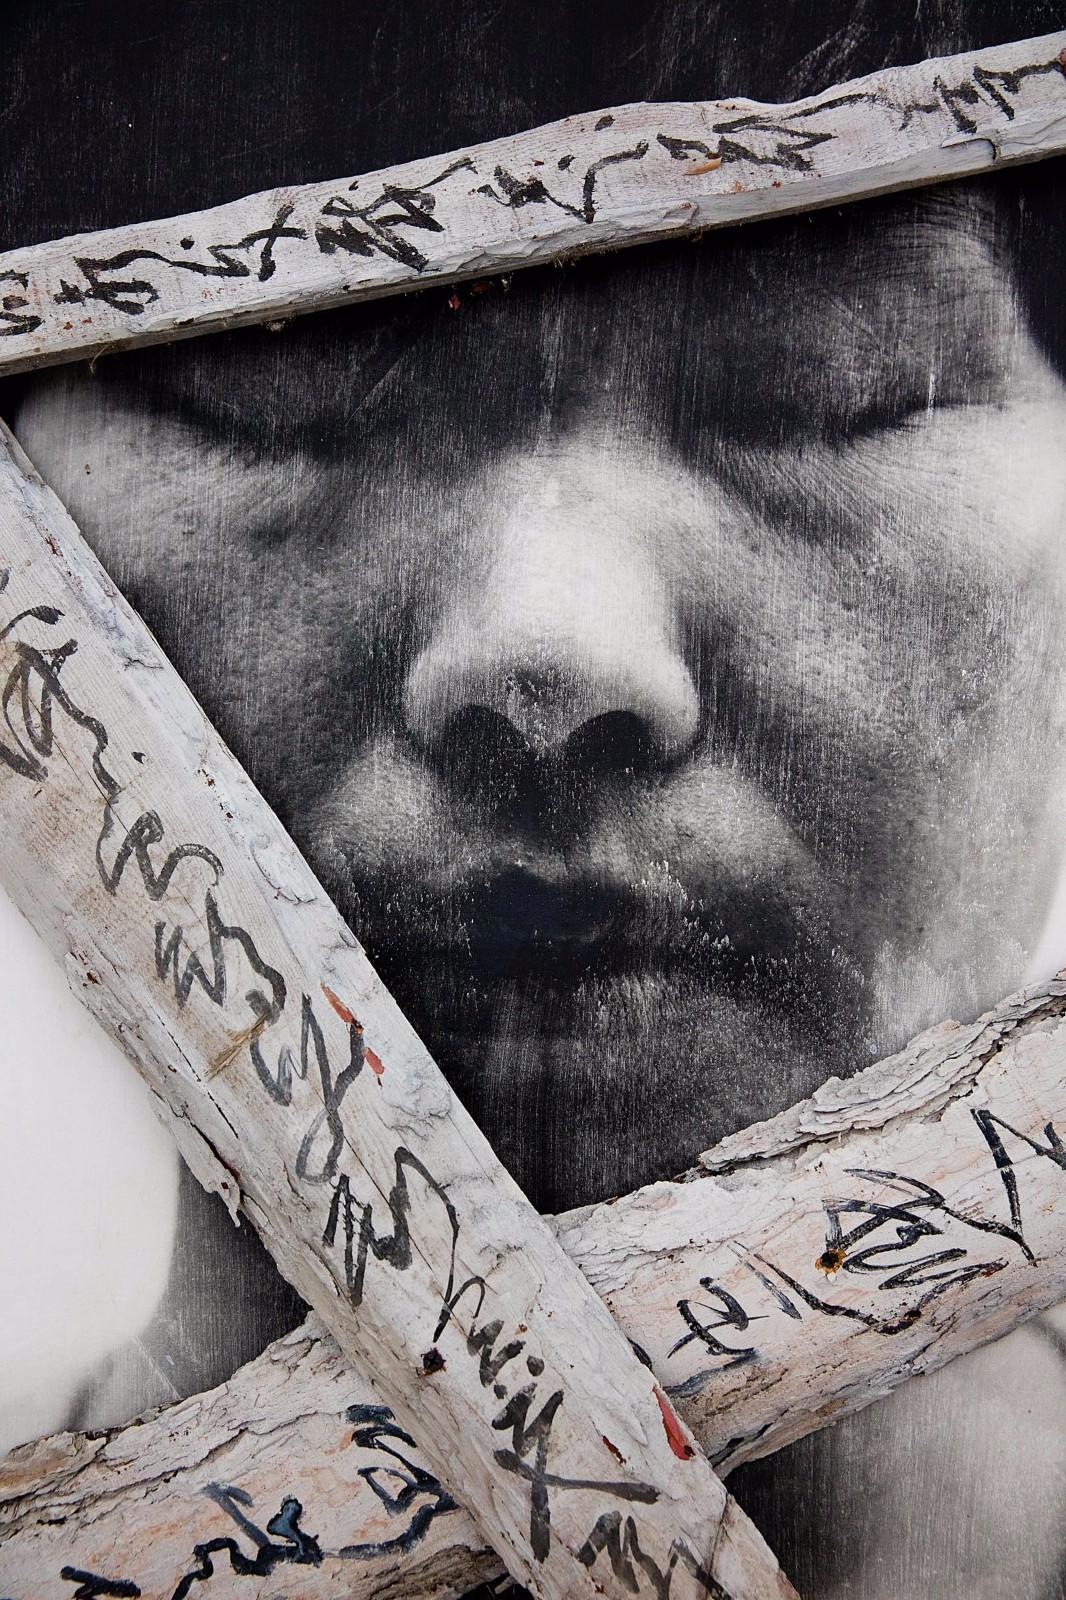 Disparition de la Figure I-II, 2000-2015, gelatin silver print on fabric © BoSTUDIO. Photo by Ma Xiao Xiao